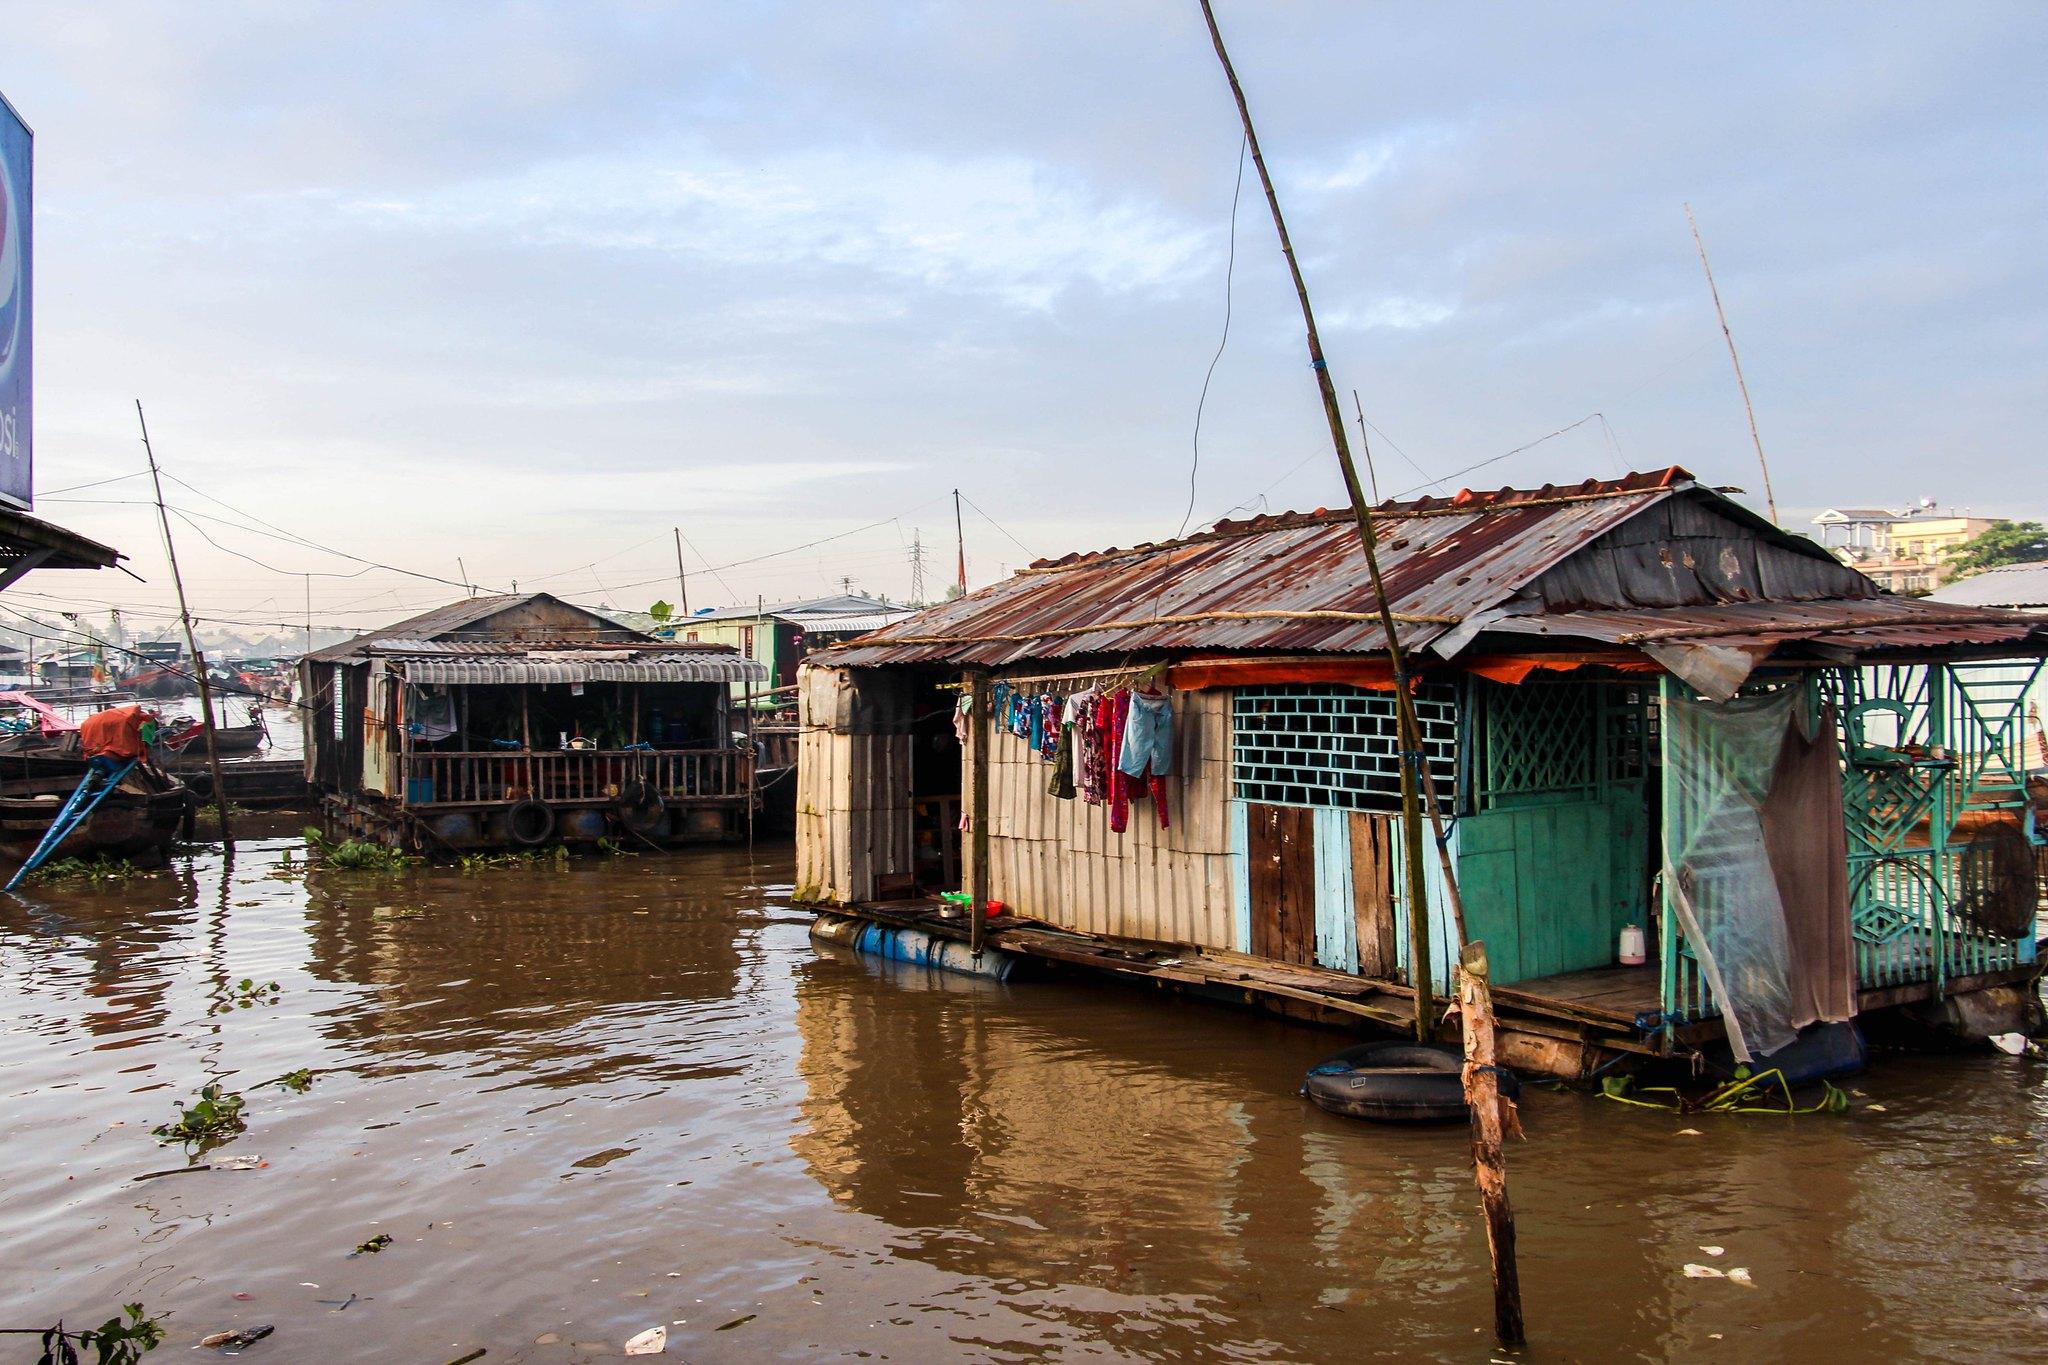 Boat House Can Tho Vietnam Ben Ninh Kieu Tuyen Chau